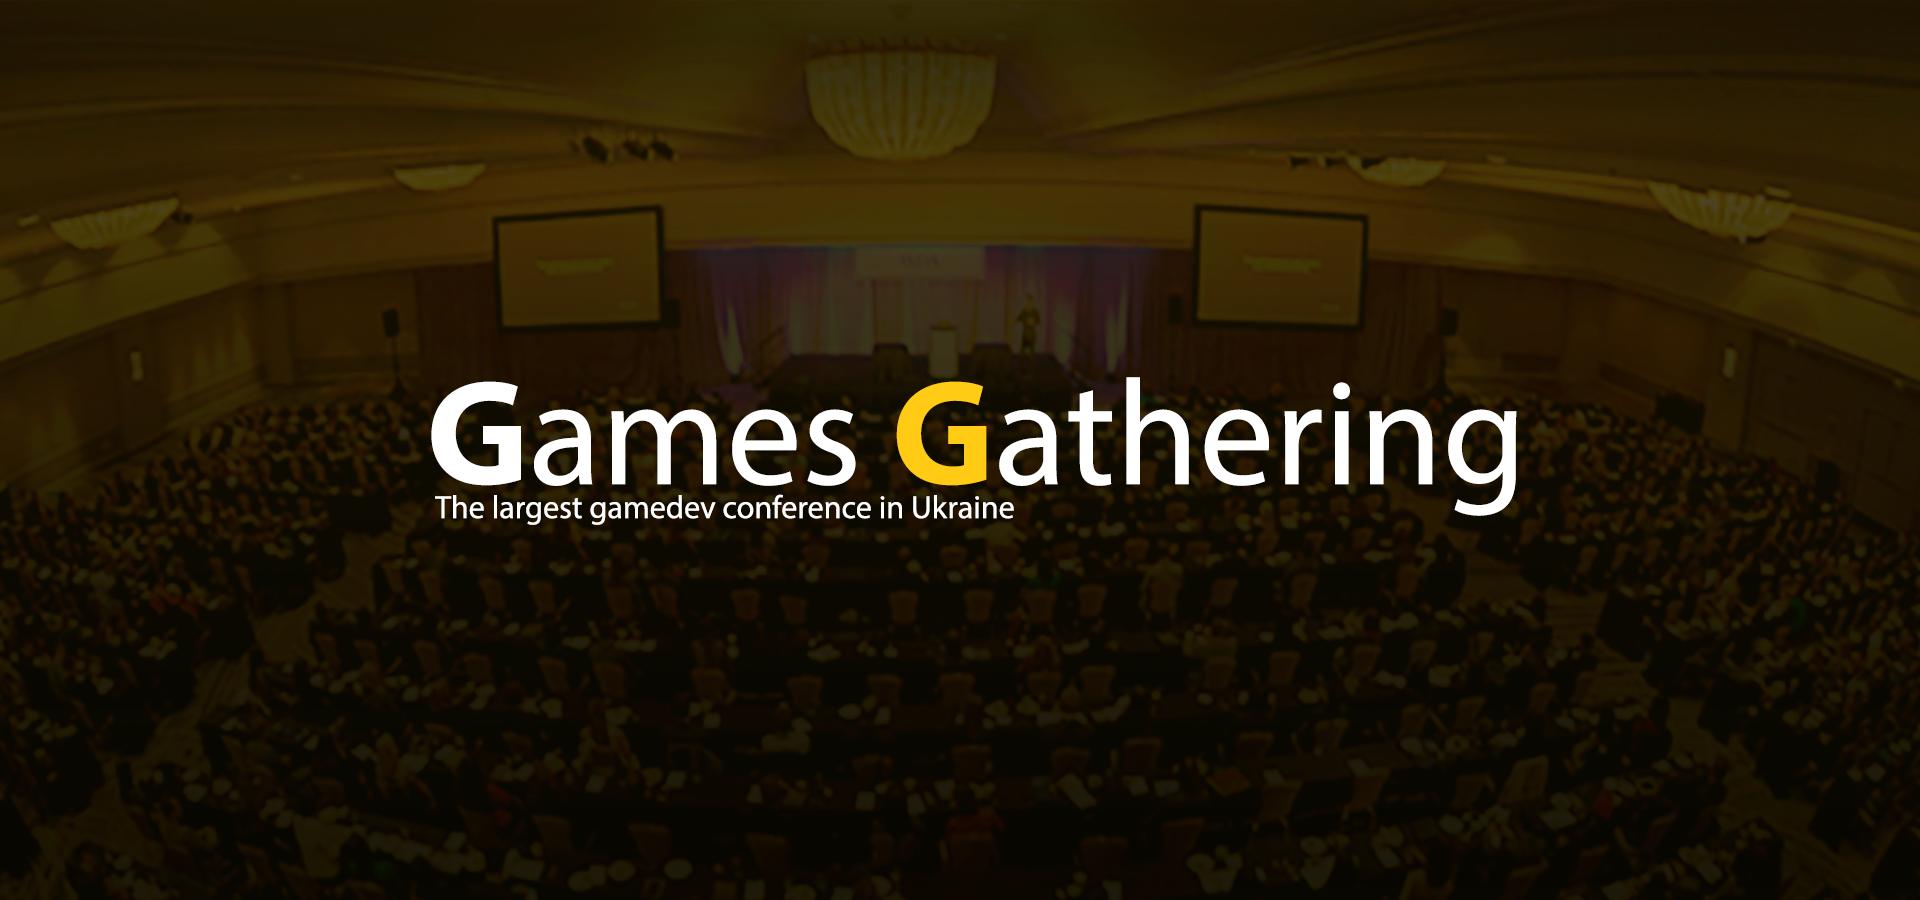 Games Gathering, AB Games и Values Value создали открытую Ассоциацию украинских разработчиков игр.